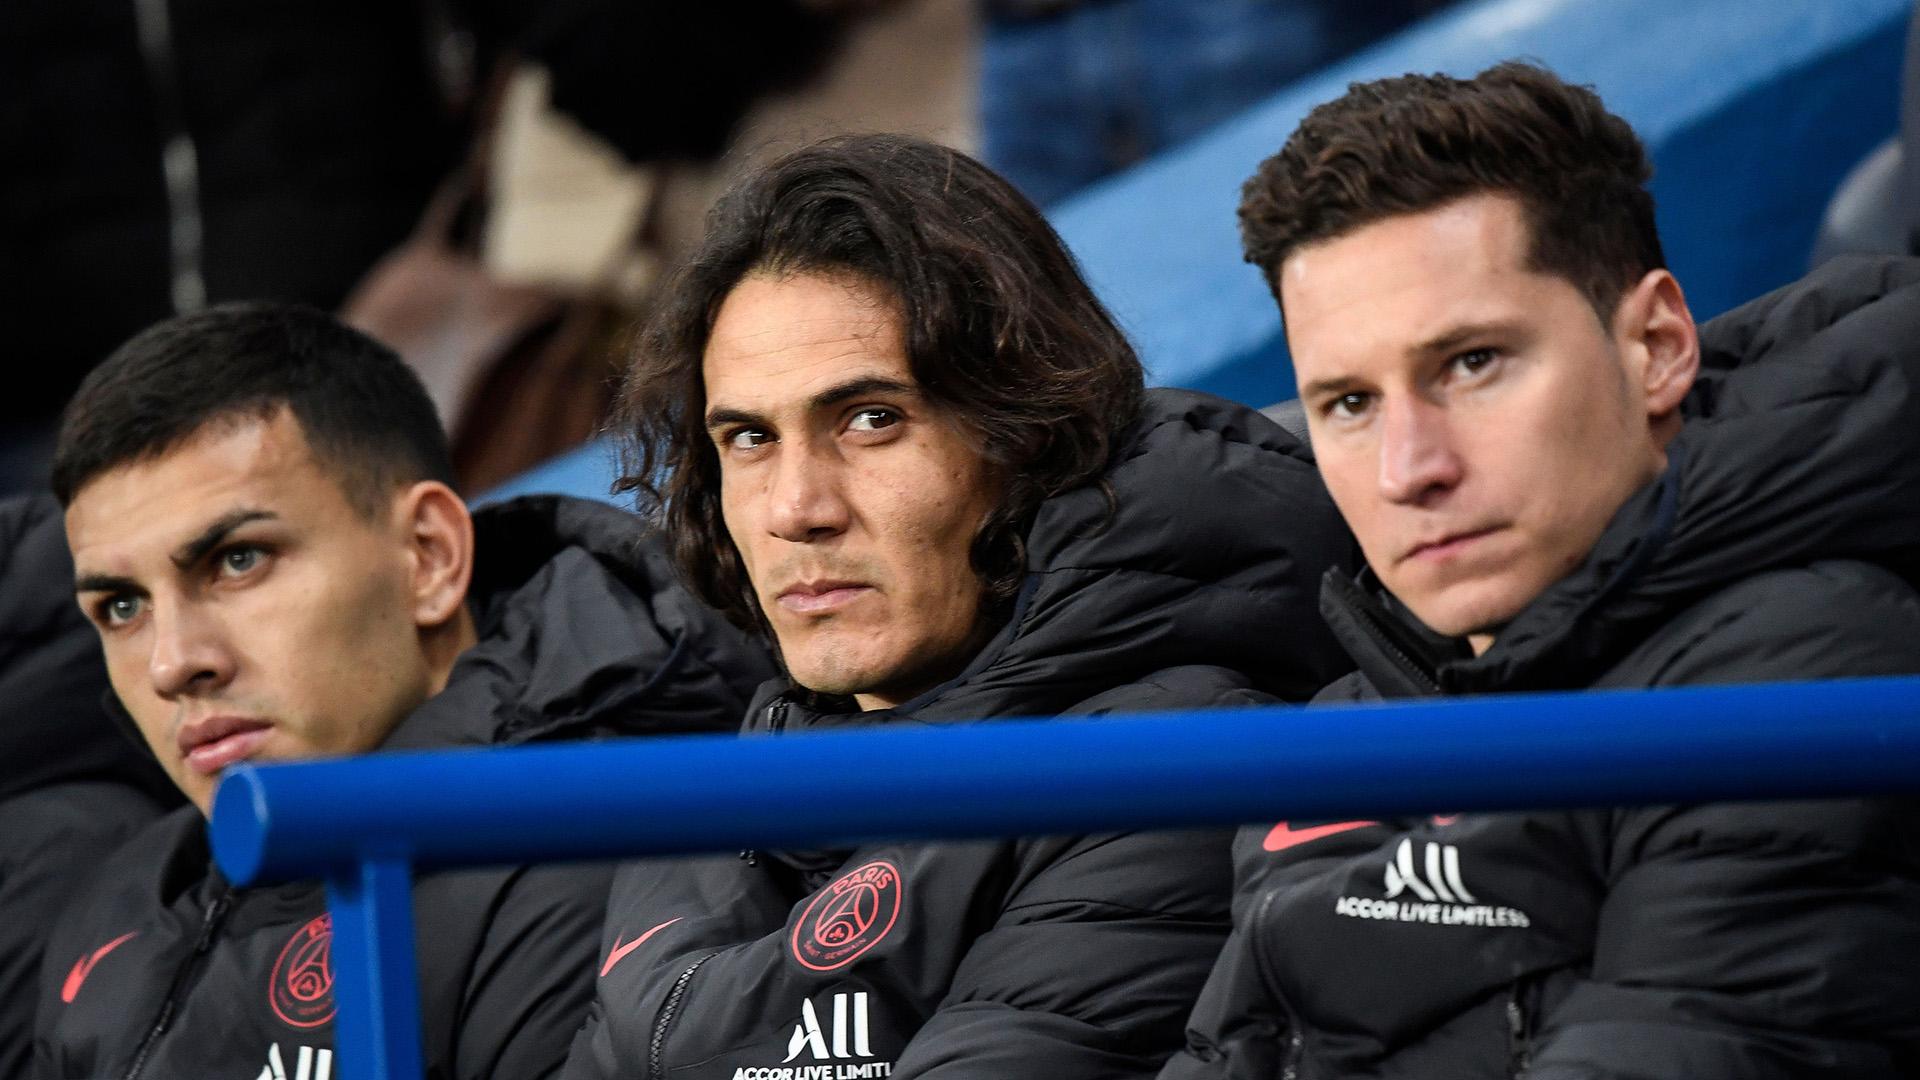 Reims-PSG - Cavani, Silva, Gueye et Bernat absents du groupe parisien